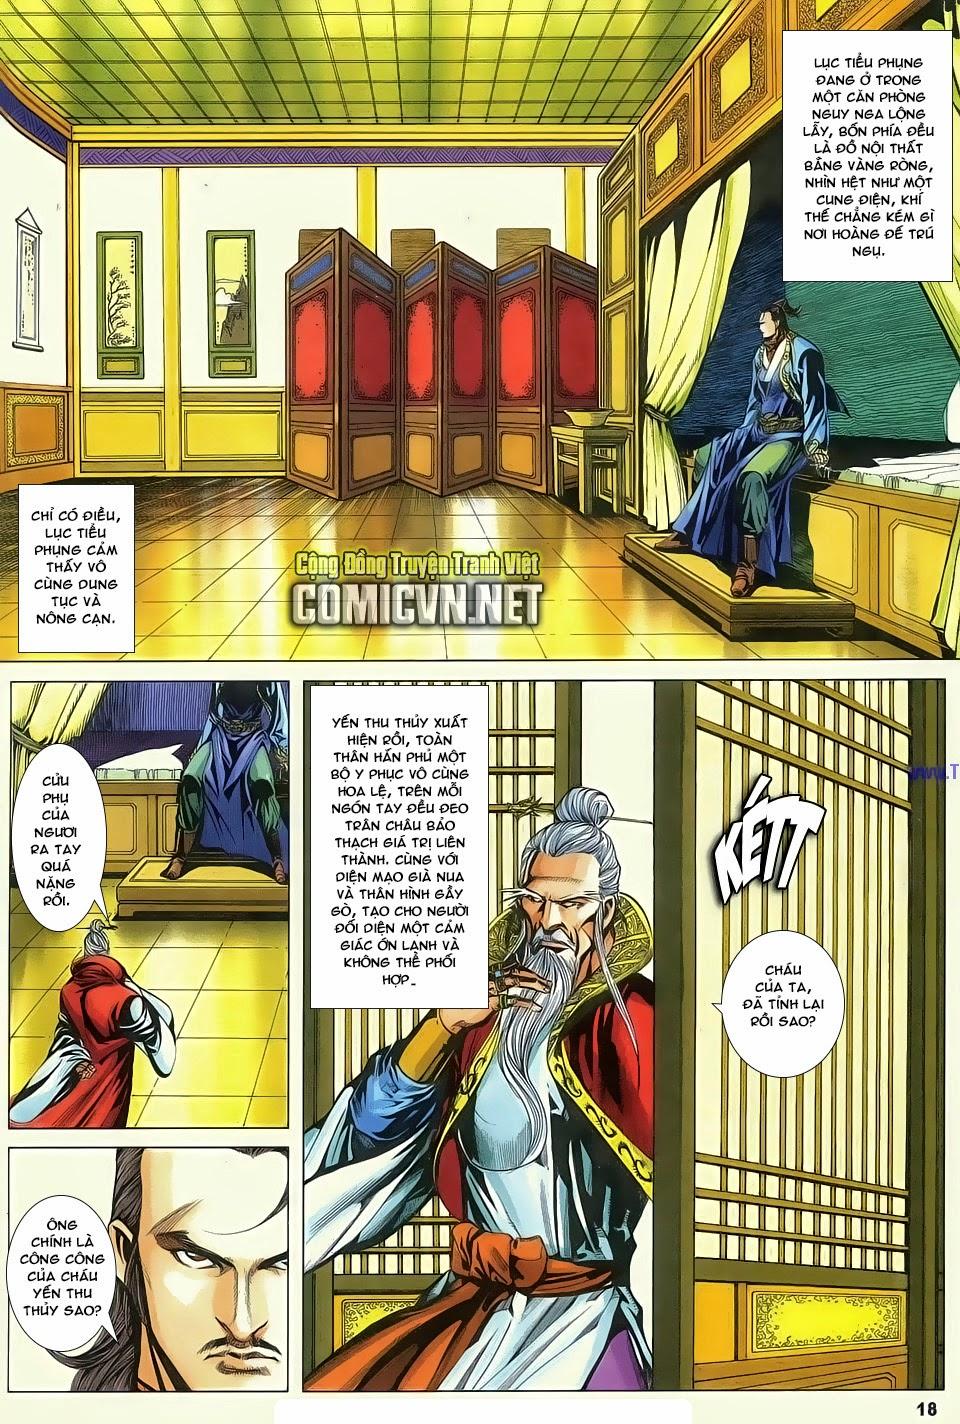 Cổ Long Quần Hiệp Truyện chap 83 - Trang 18